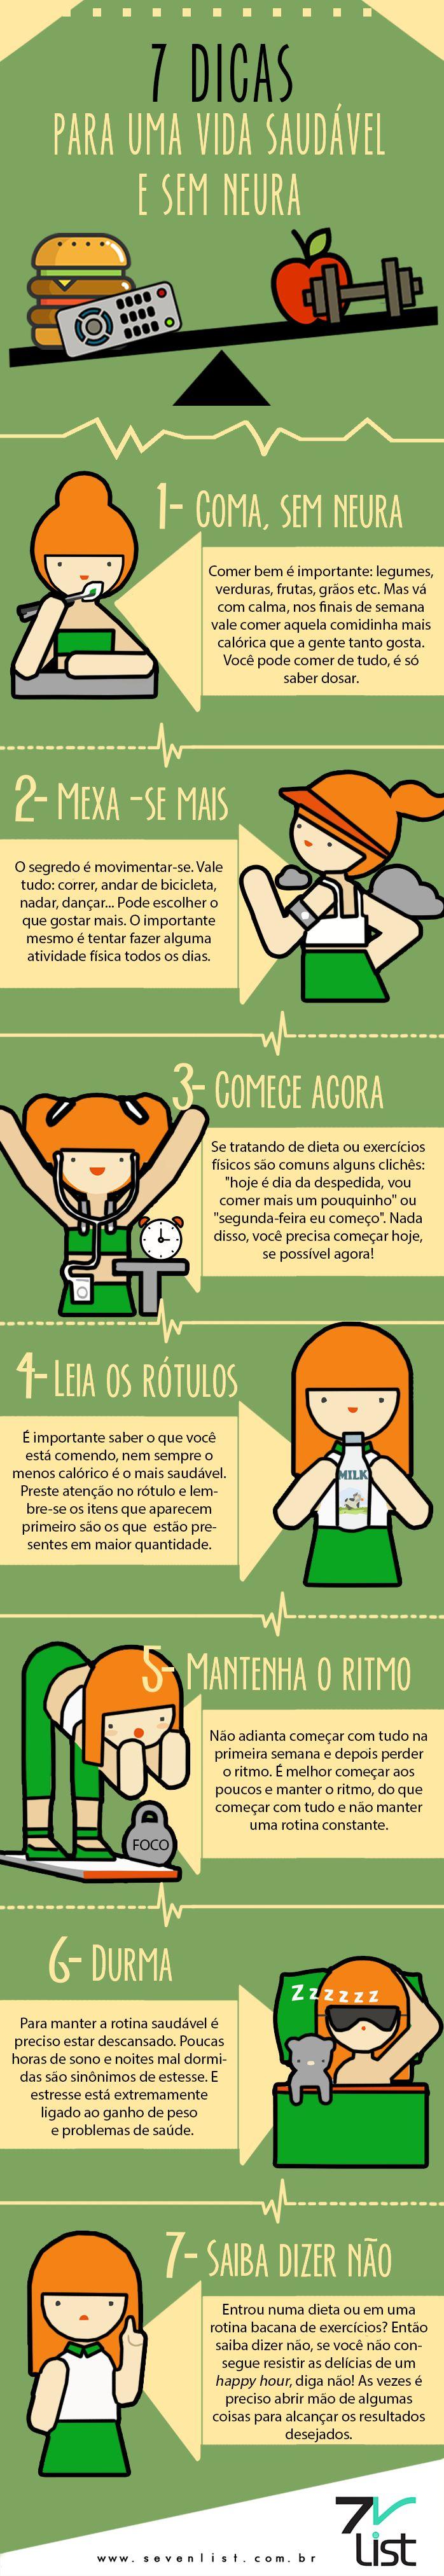 #Infográfico #Infographic #Sevenlist #Dicas #Saúde #Semneura #Alimentação #Viverbem #Bemestar #Lifestyle #Comer #Mexer #Exercitar-se #Comeceagora #Leia #Rótulos #Ritmo #Durma #Diganão #Não www.sevenlist.com.br